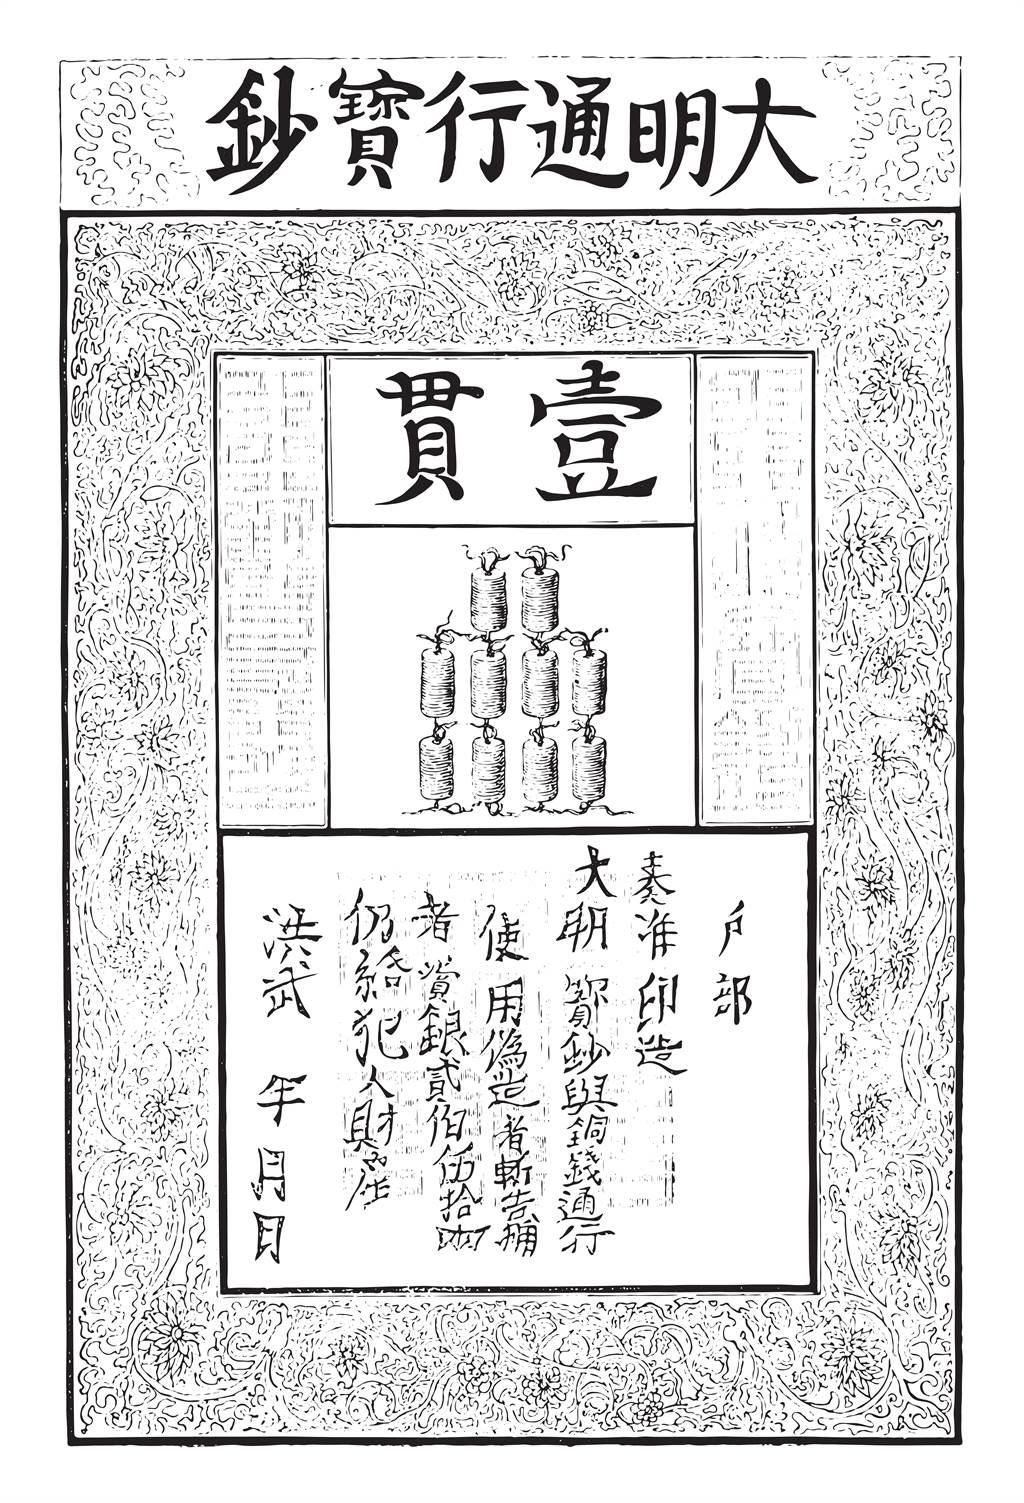 明朝由於缺銅製造銀票,使用桑皮紙印刷,稱大明寶鈔,然而由於銀票只發行不回收,所以造成明朝銀票流通過多。(示意圖/達志影像)